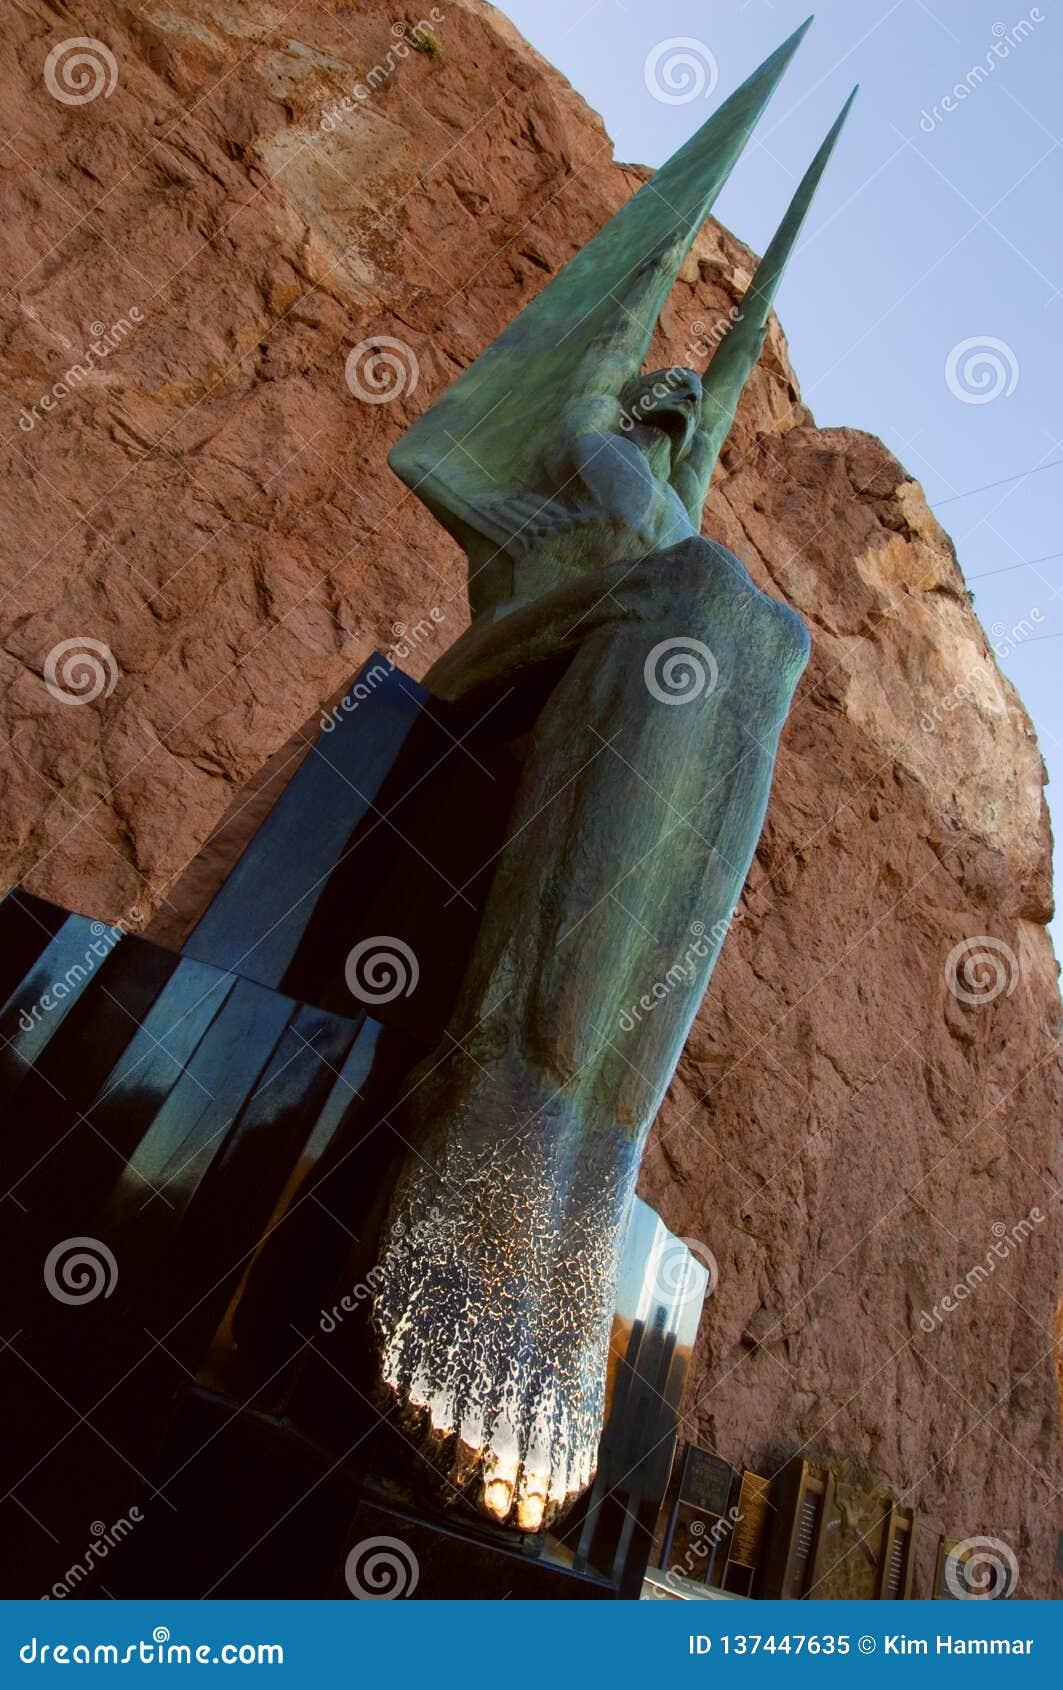 Το ένα από δύο επιχαλκώνει τους φτερωτούς αριθμούς των αγαλμάτων Δημοκρατίας εξωραΐζει το φράγμα Hoover